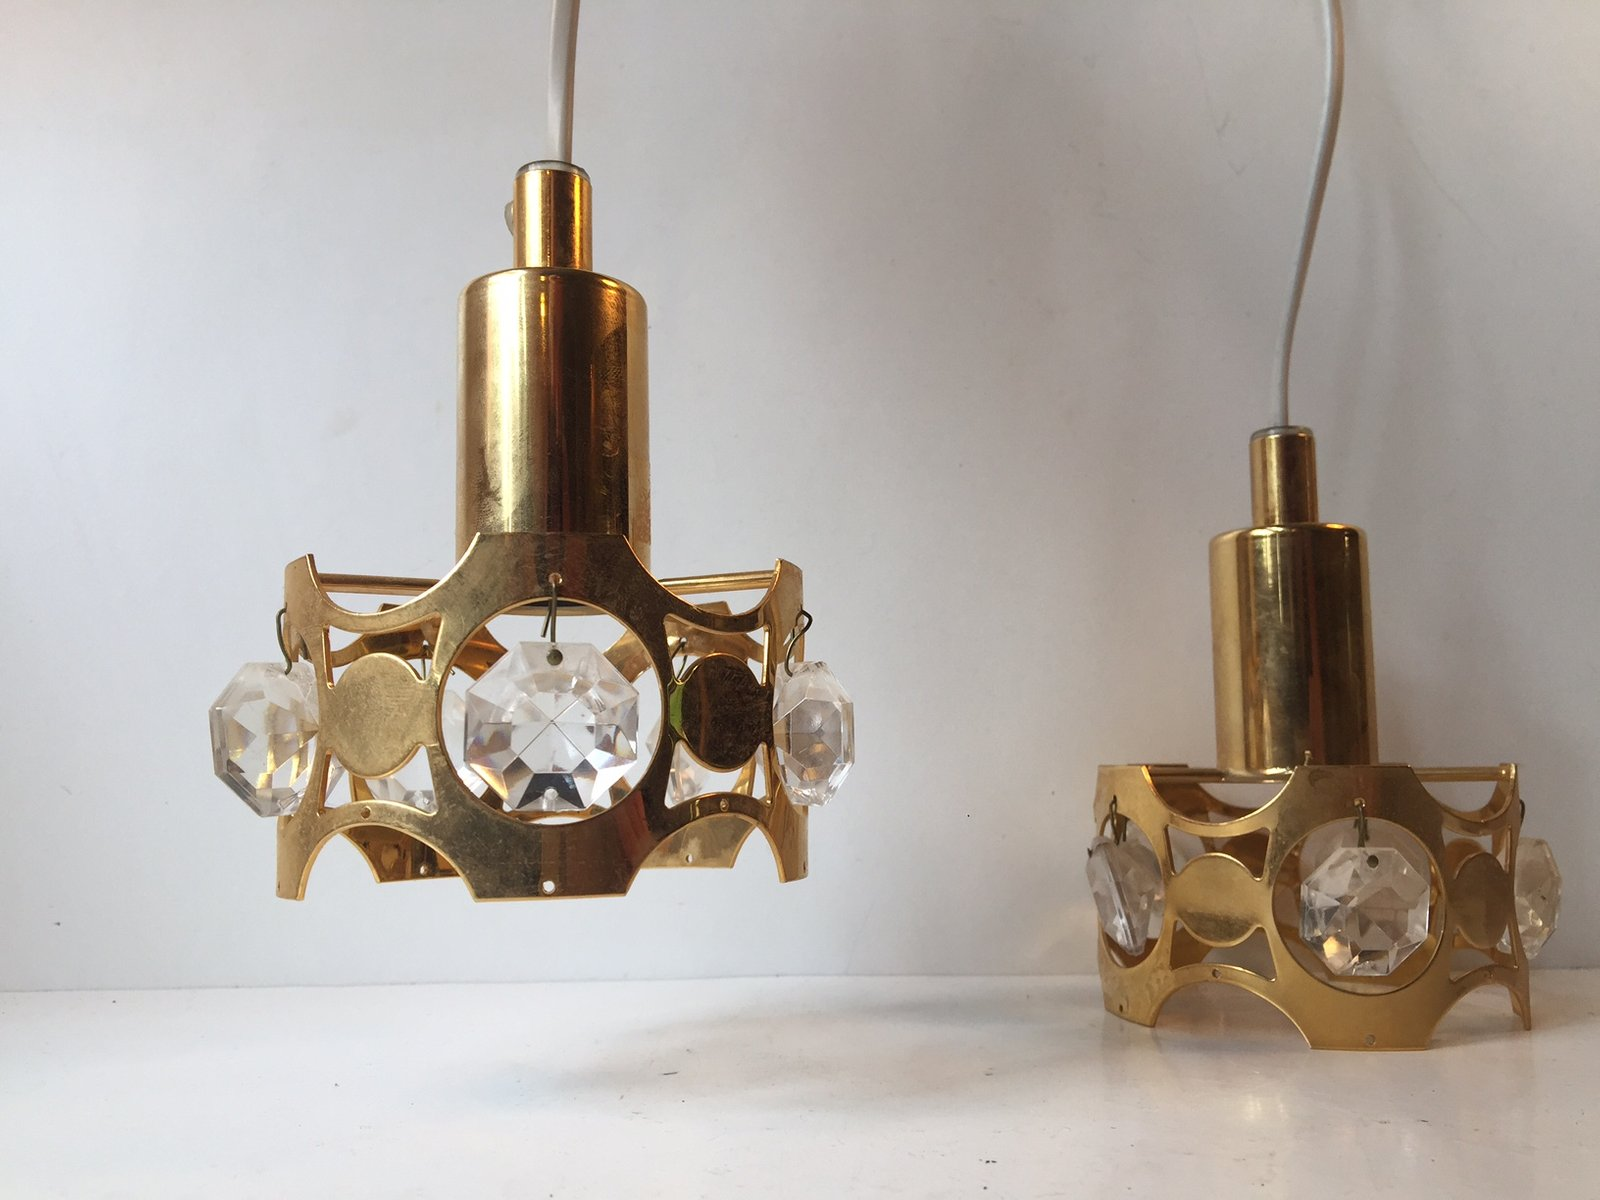 Lampade A Sospensione Vintage : Lampade a sospensione vintage moderne in cristallo e ottone dorato